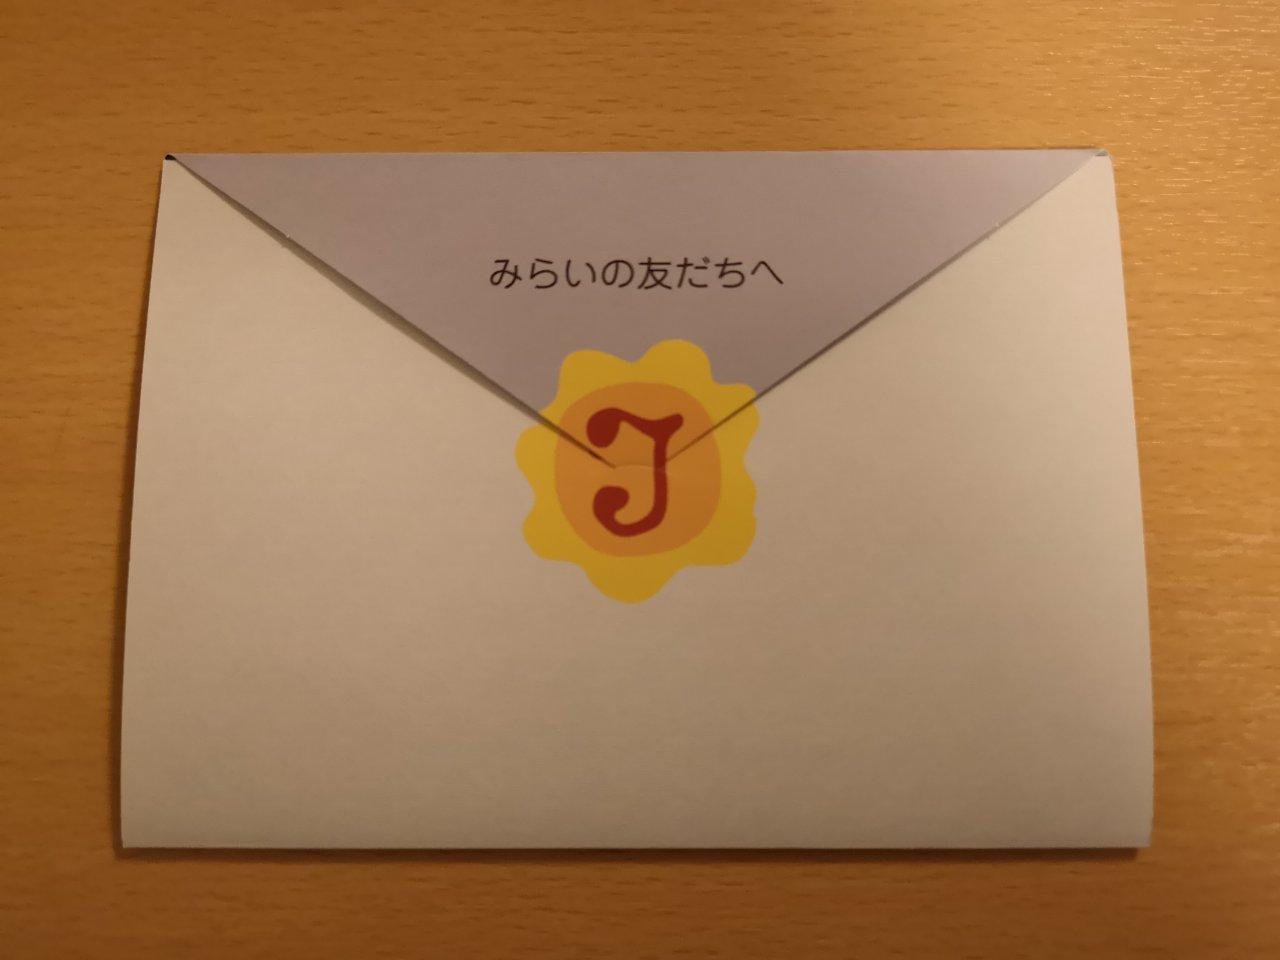 ハッピーマジックルームお手紙2